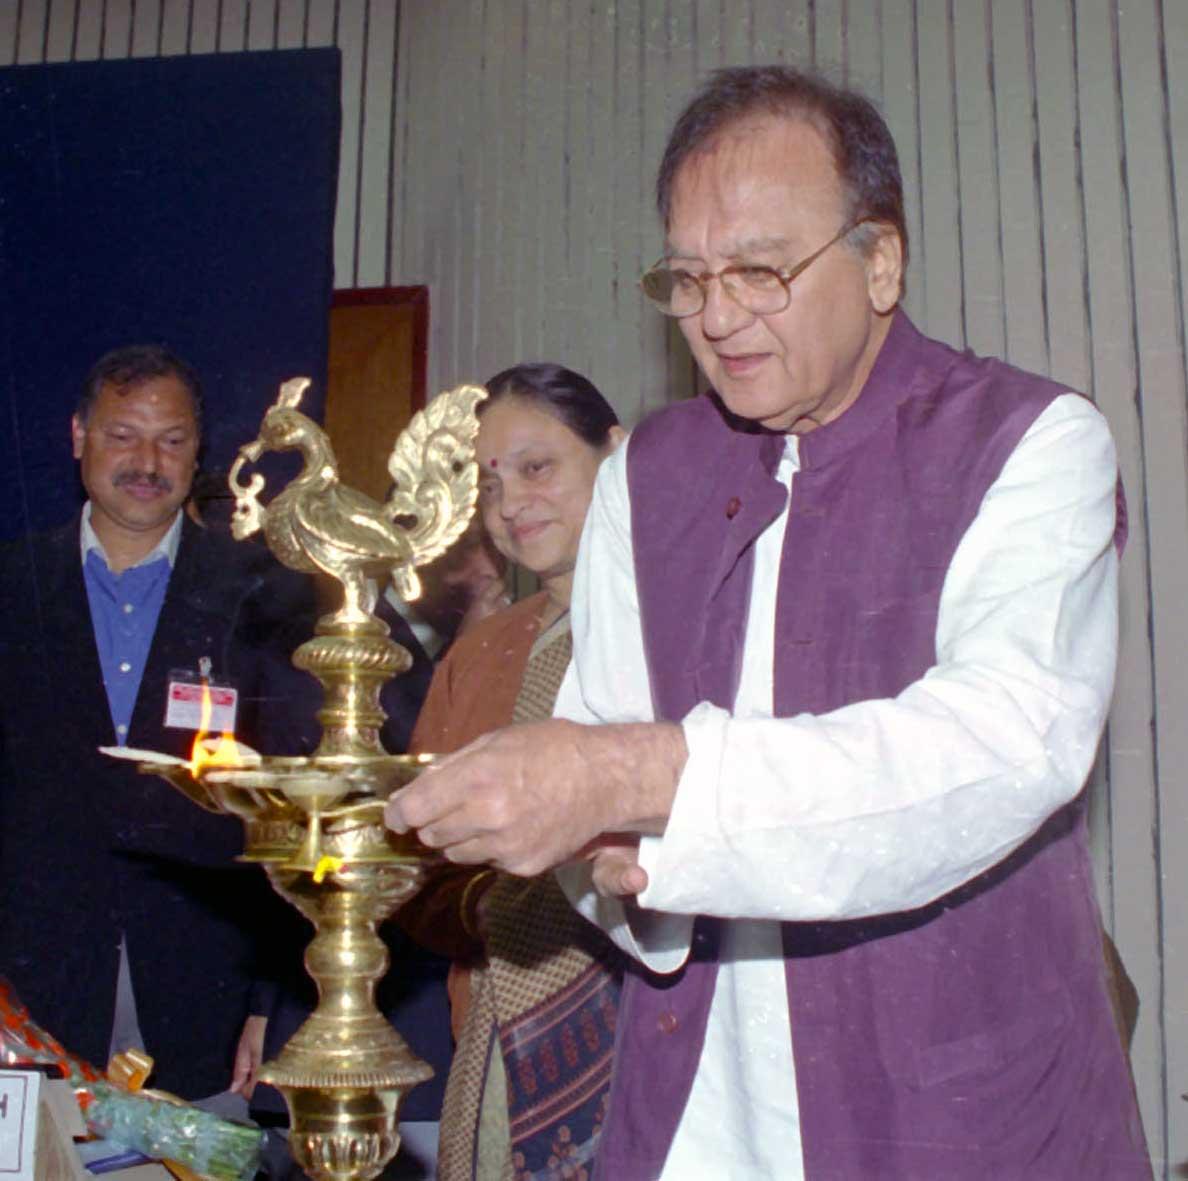 जन्मदिवस विशेष : एक ही झटके में Sunil Dutt का सब कुछ लेगी थी 'रेश्मा और शेरा'